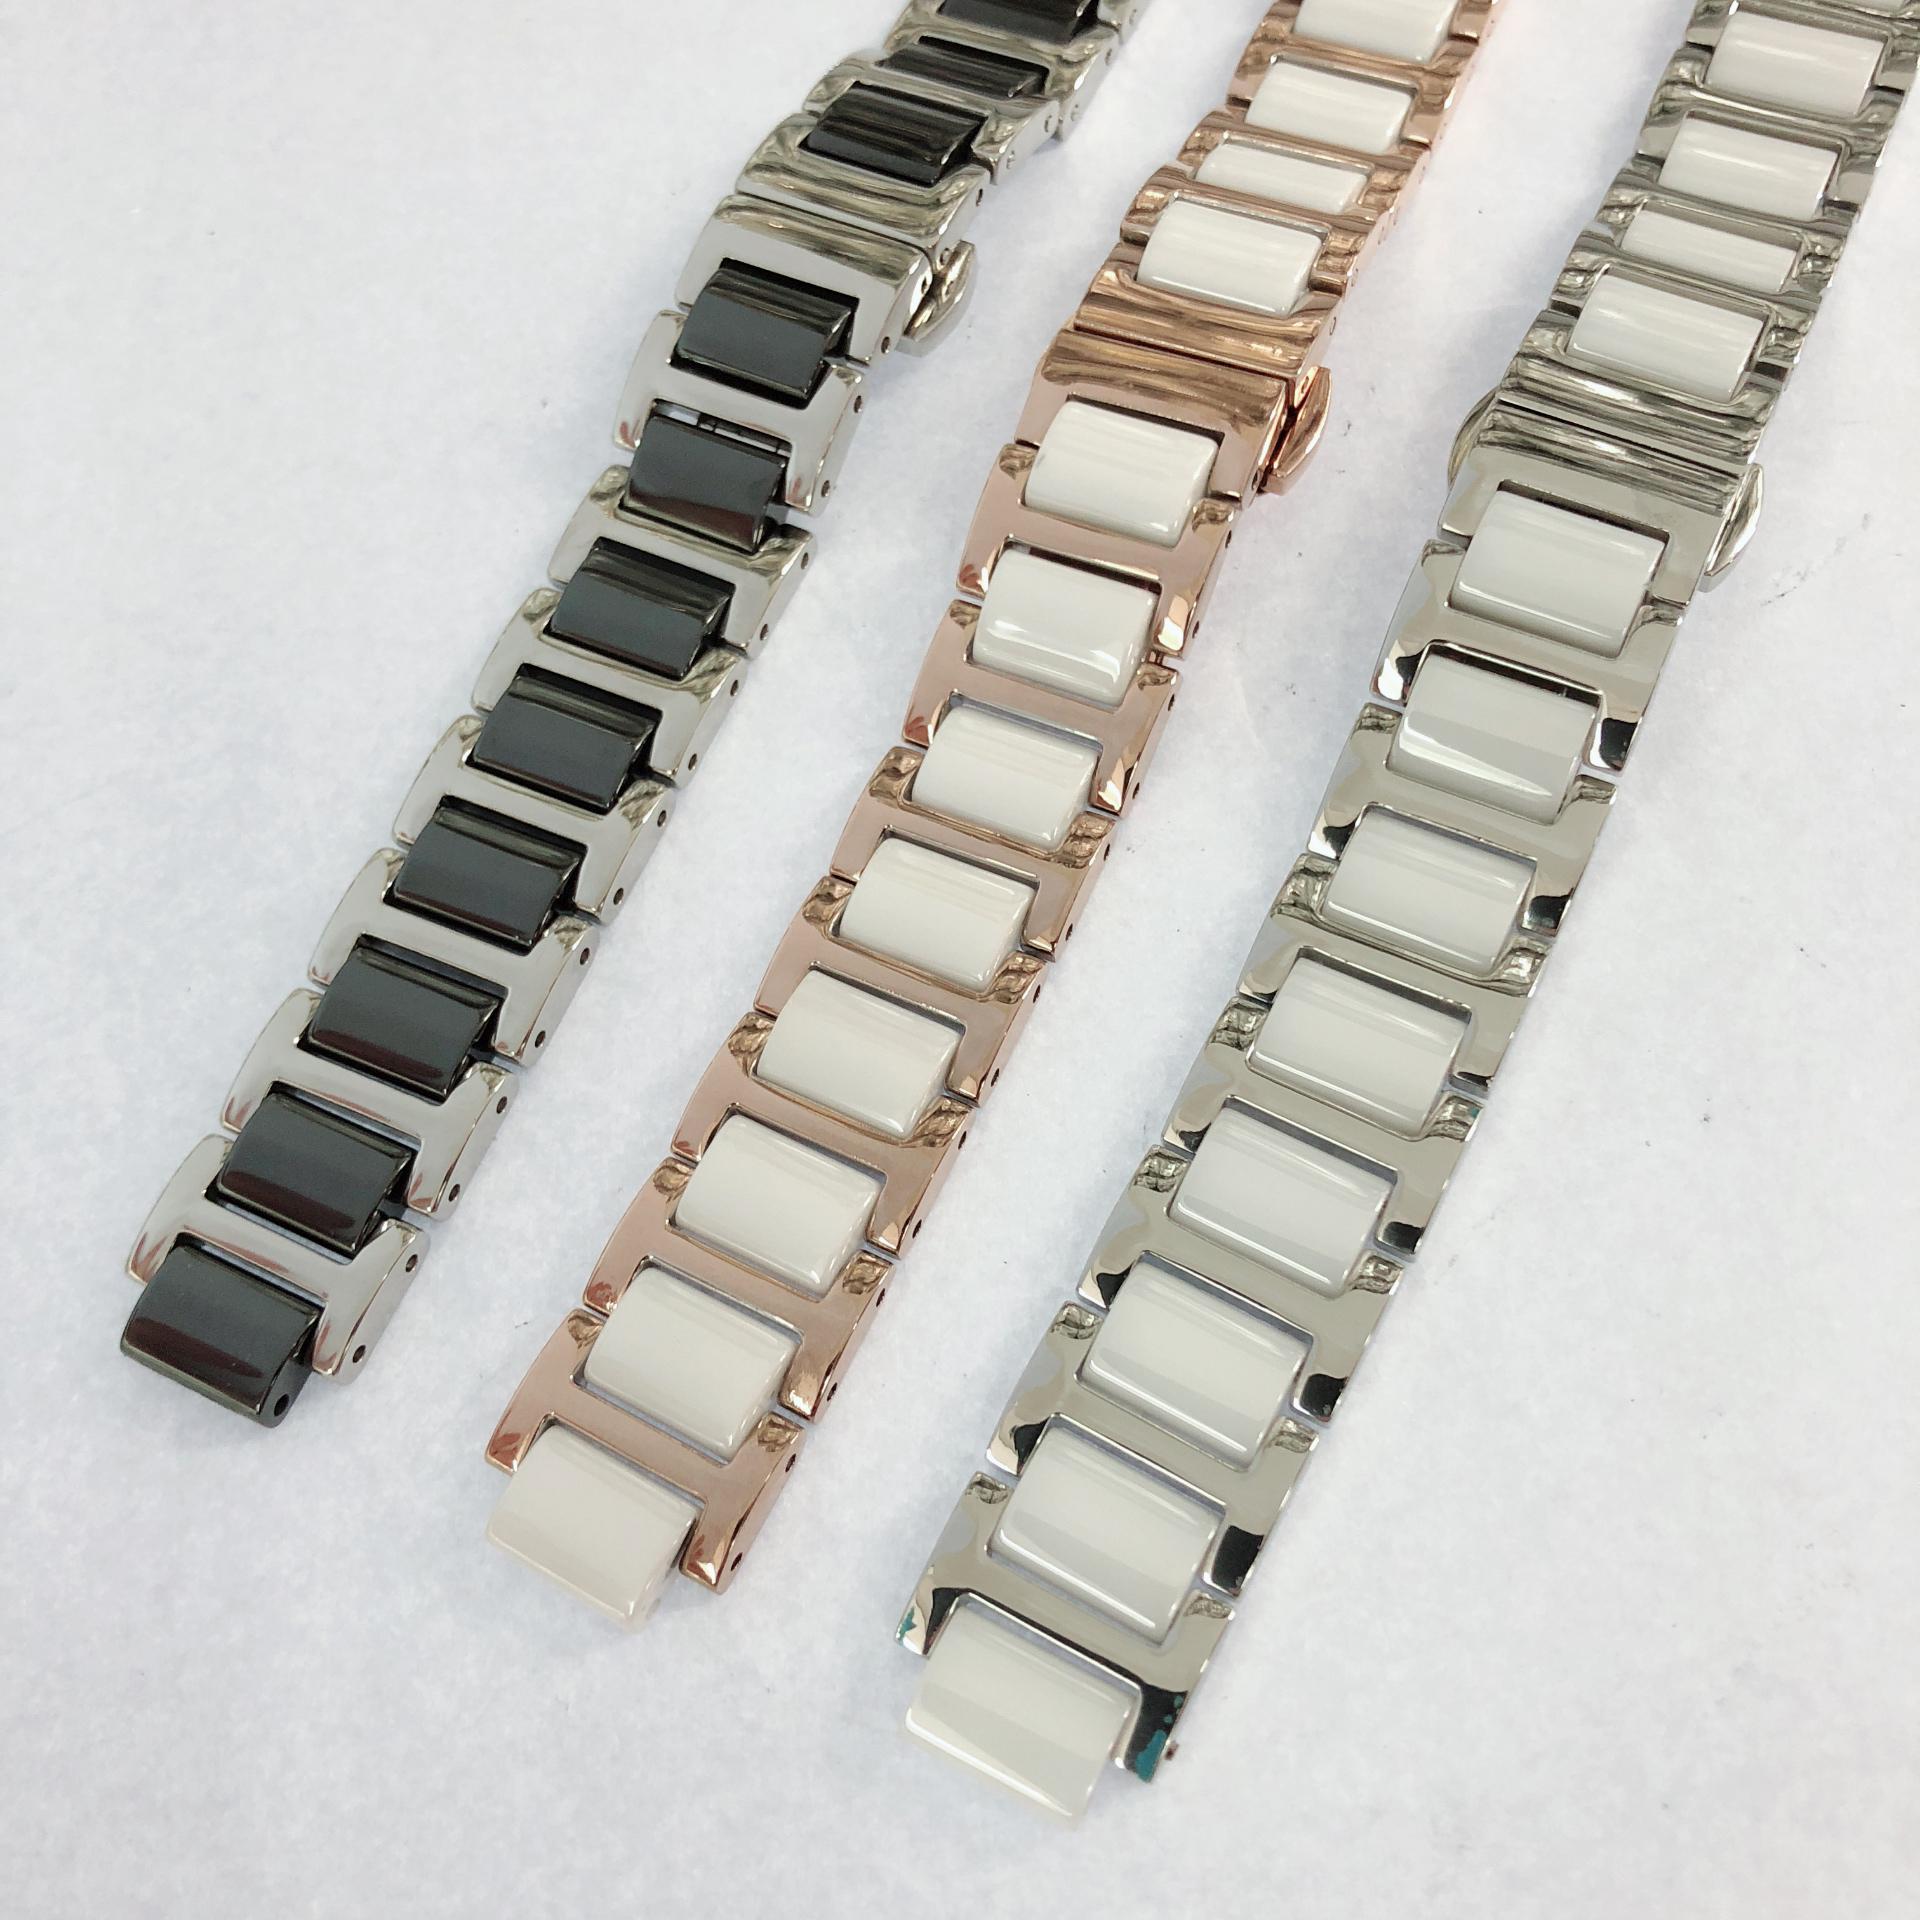 陶瓷不锈钢手表带男手表链女配件DW飞亚达卡西欧凸口表带钢带女款